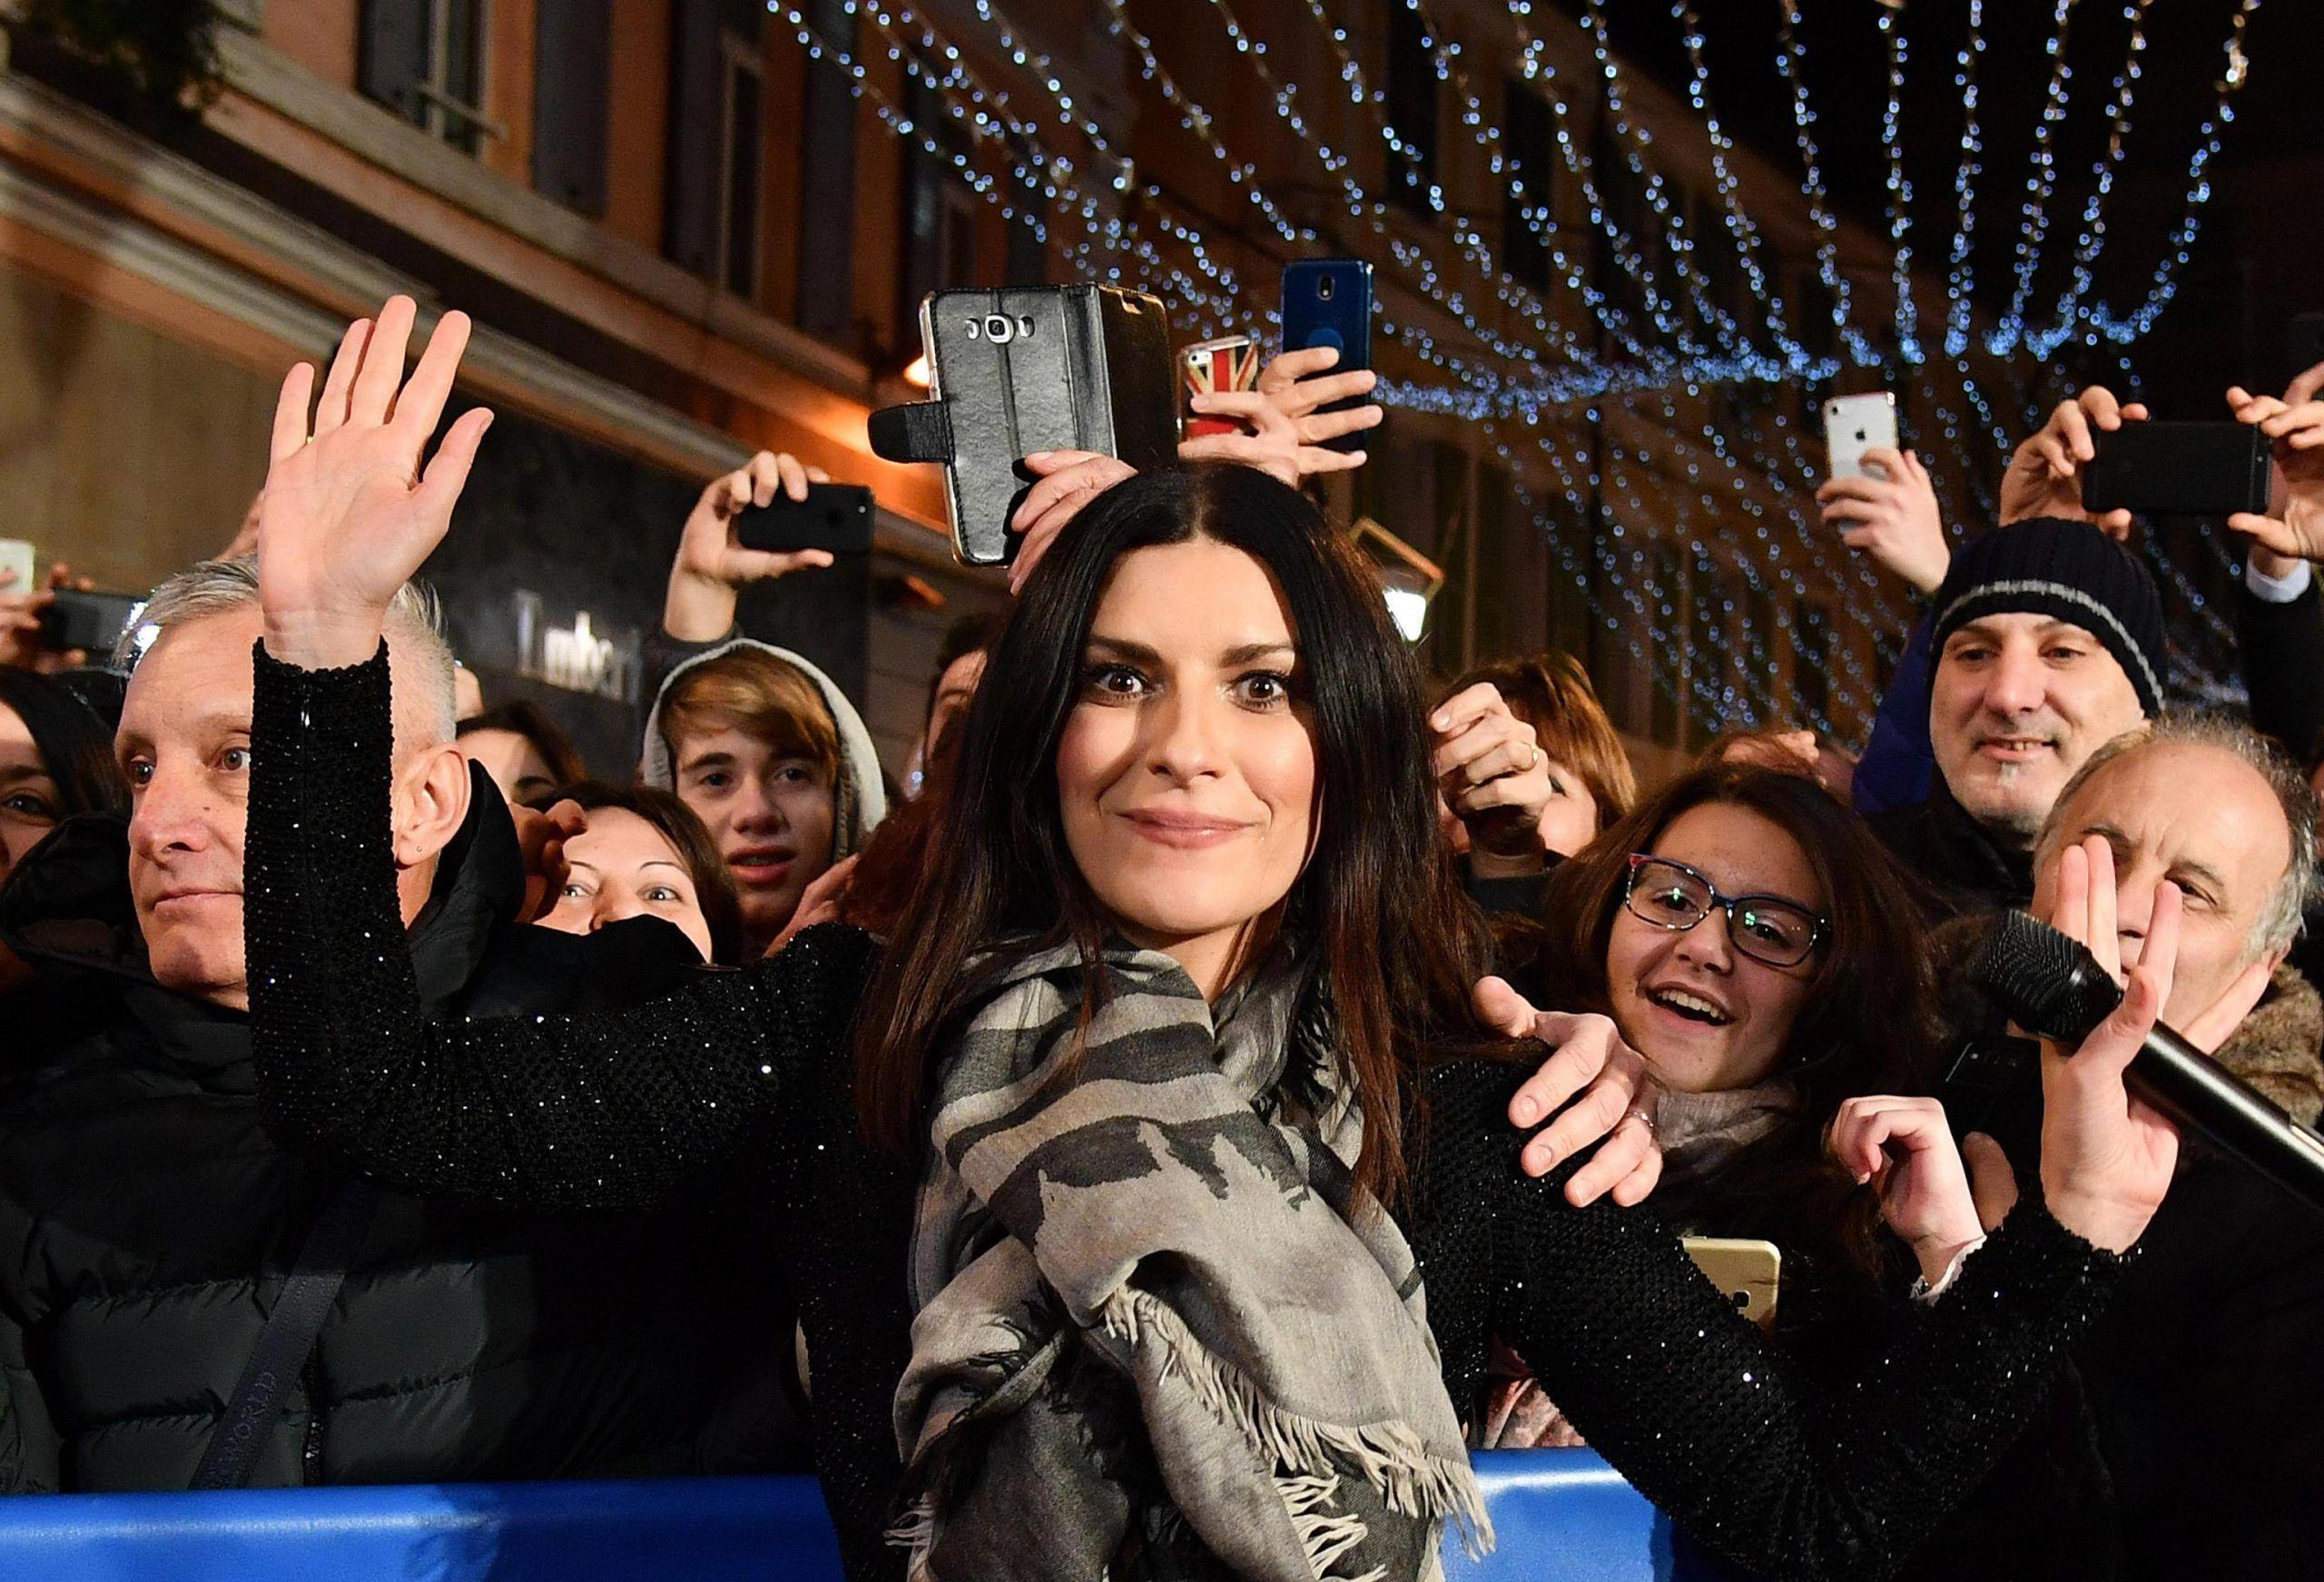 Sanremo 2019, Laura Pausini conduttrice? 'Sono anni che mi corteggiano, magari succederà'